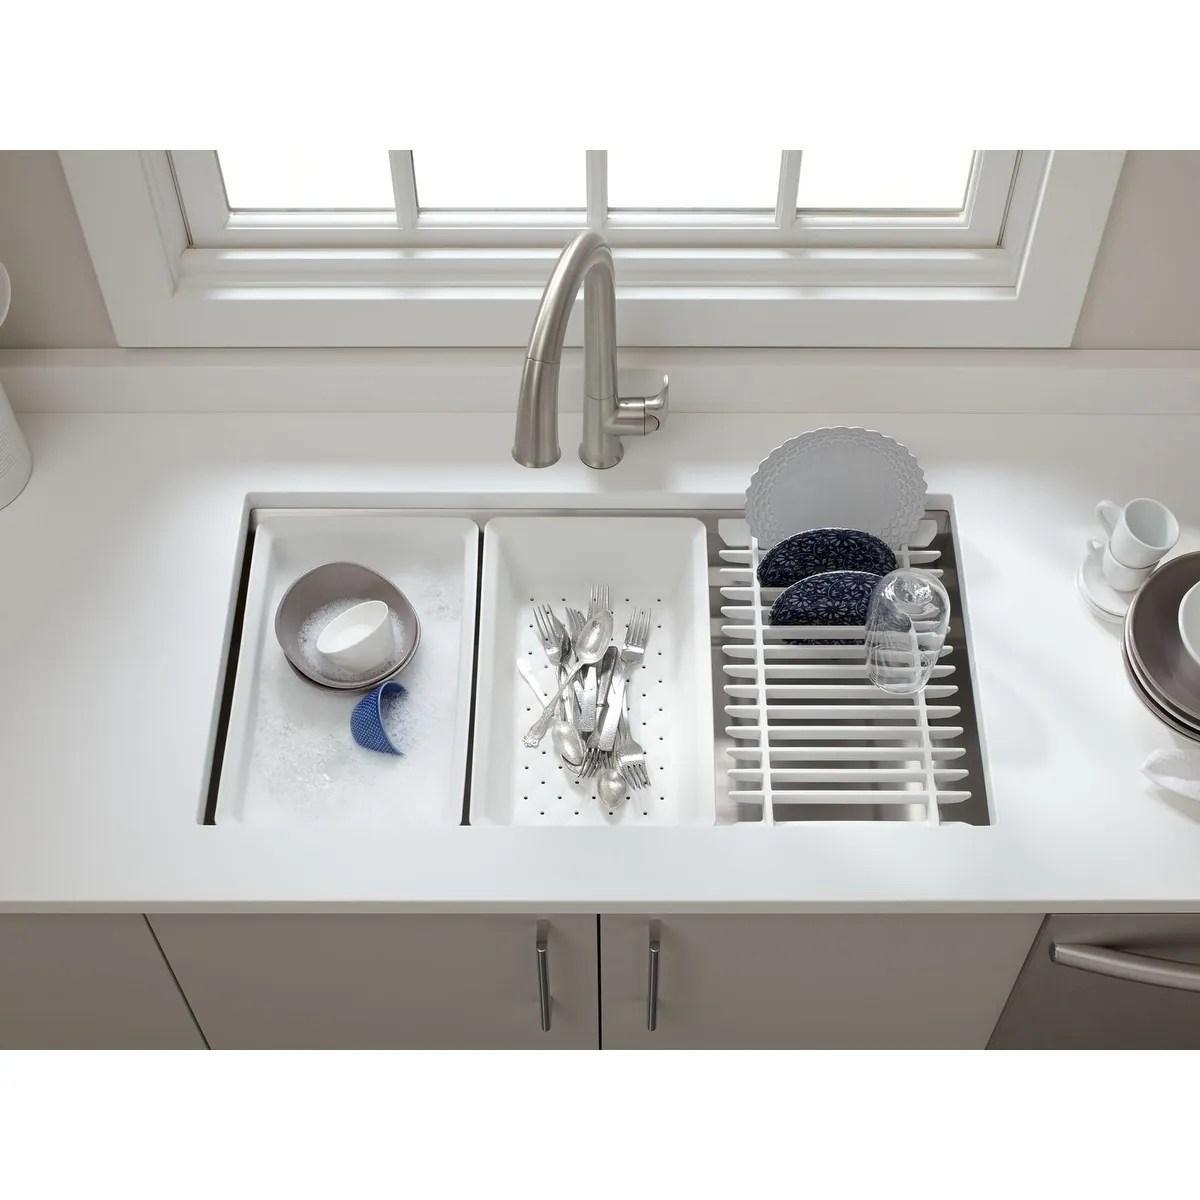 kohler prolific 33 x 17 3 4 x 10 15 16 undermount single bowl kitchen sink with accessories k 5540 na